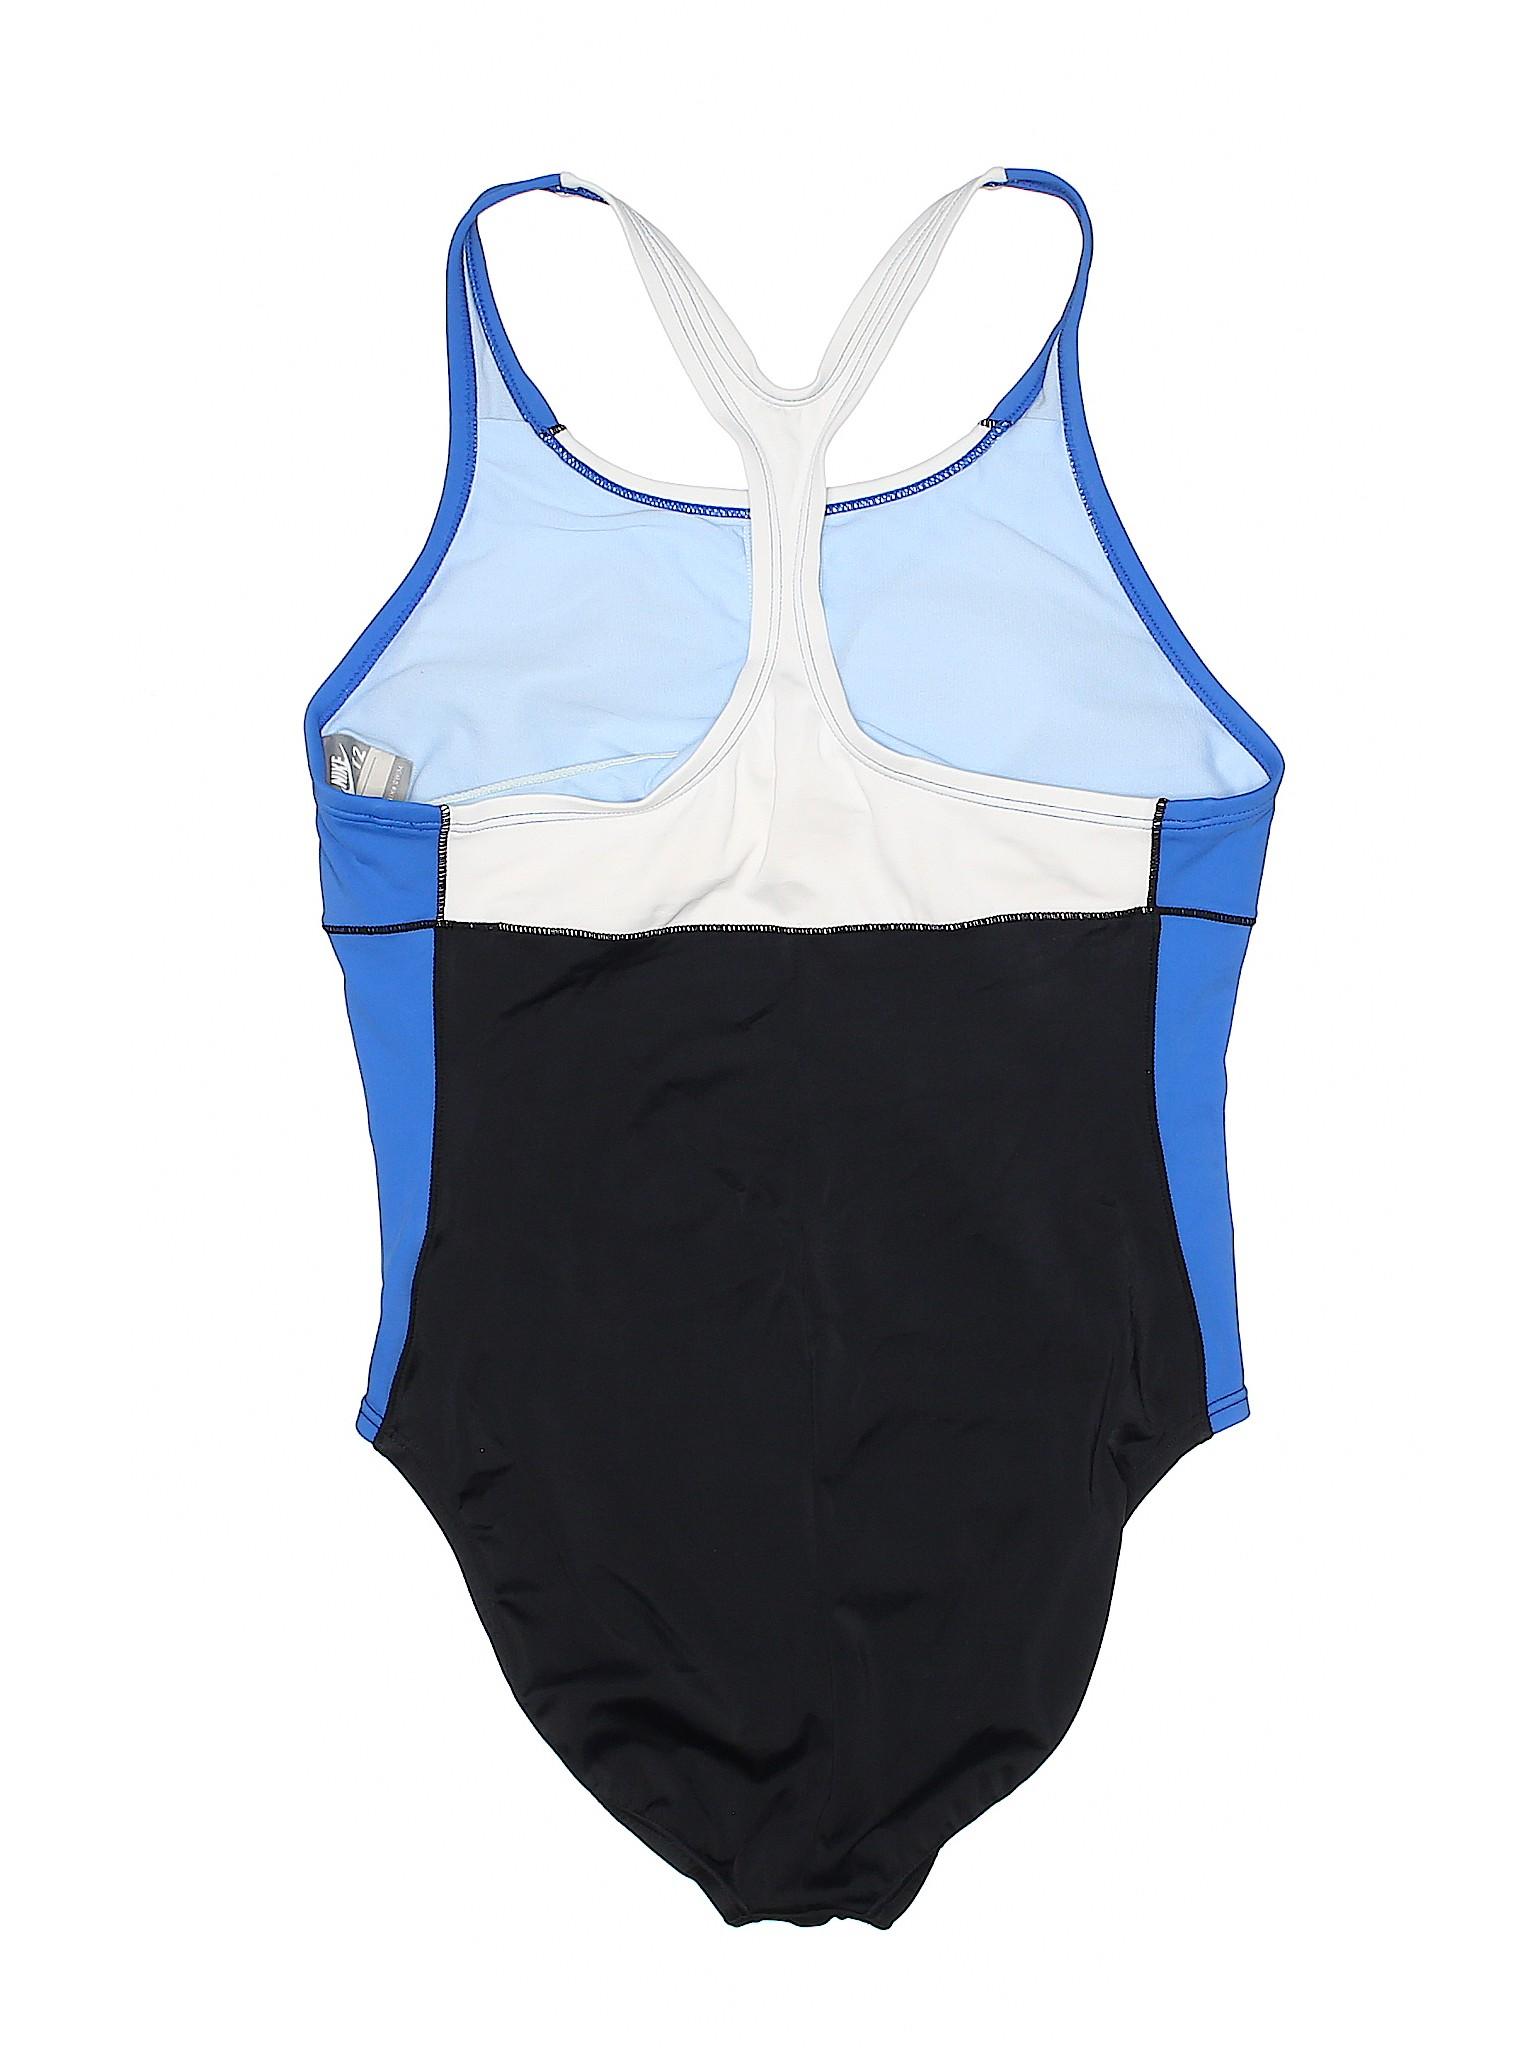 Swimsuit One Boutique Boutique Nike Nike Piece xq06vwXw